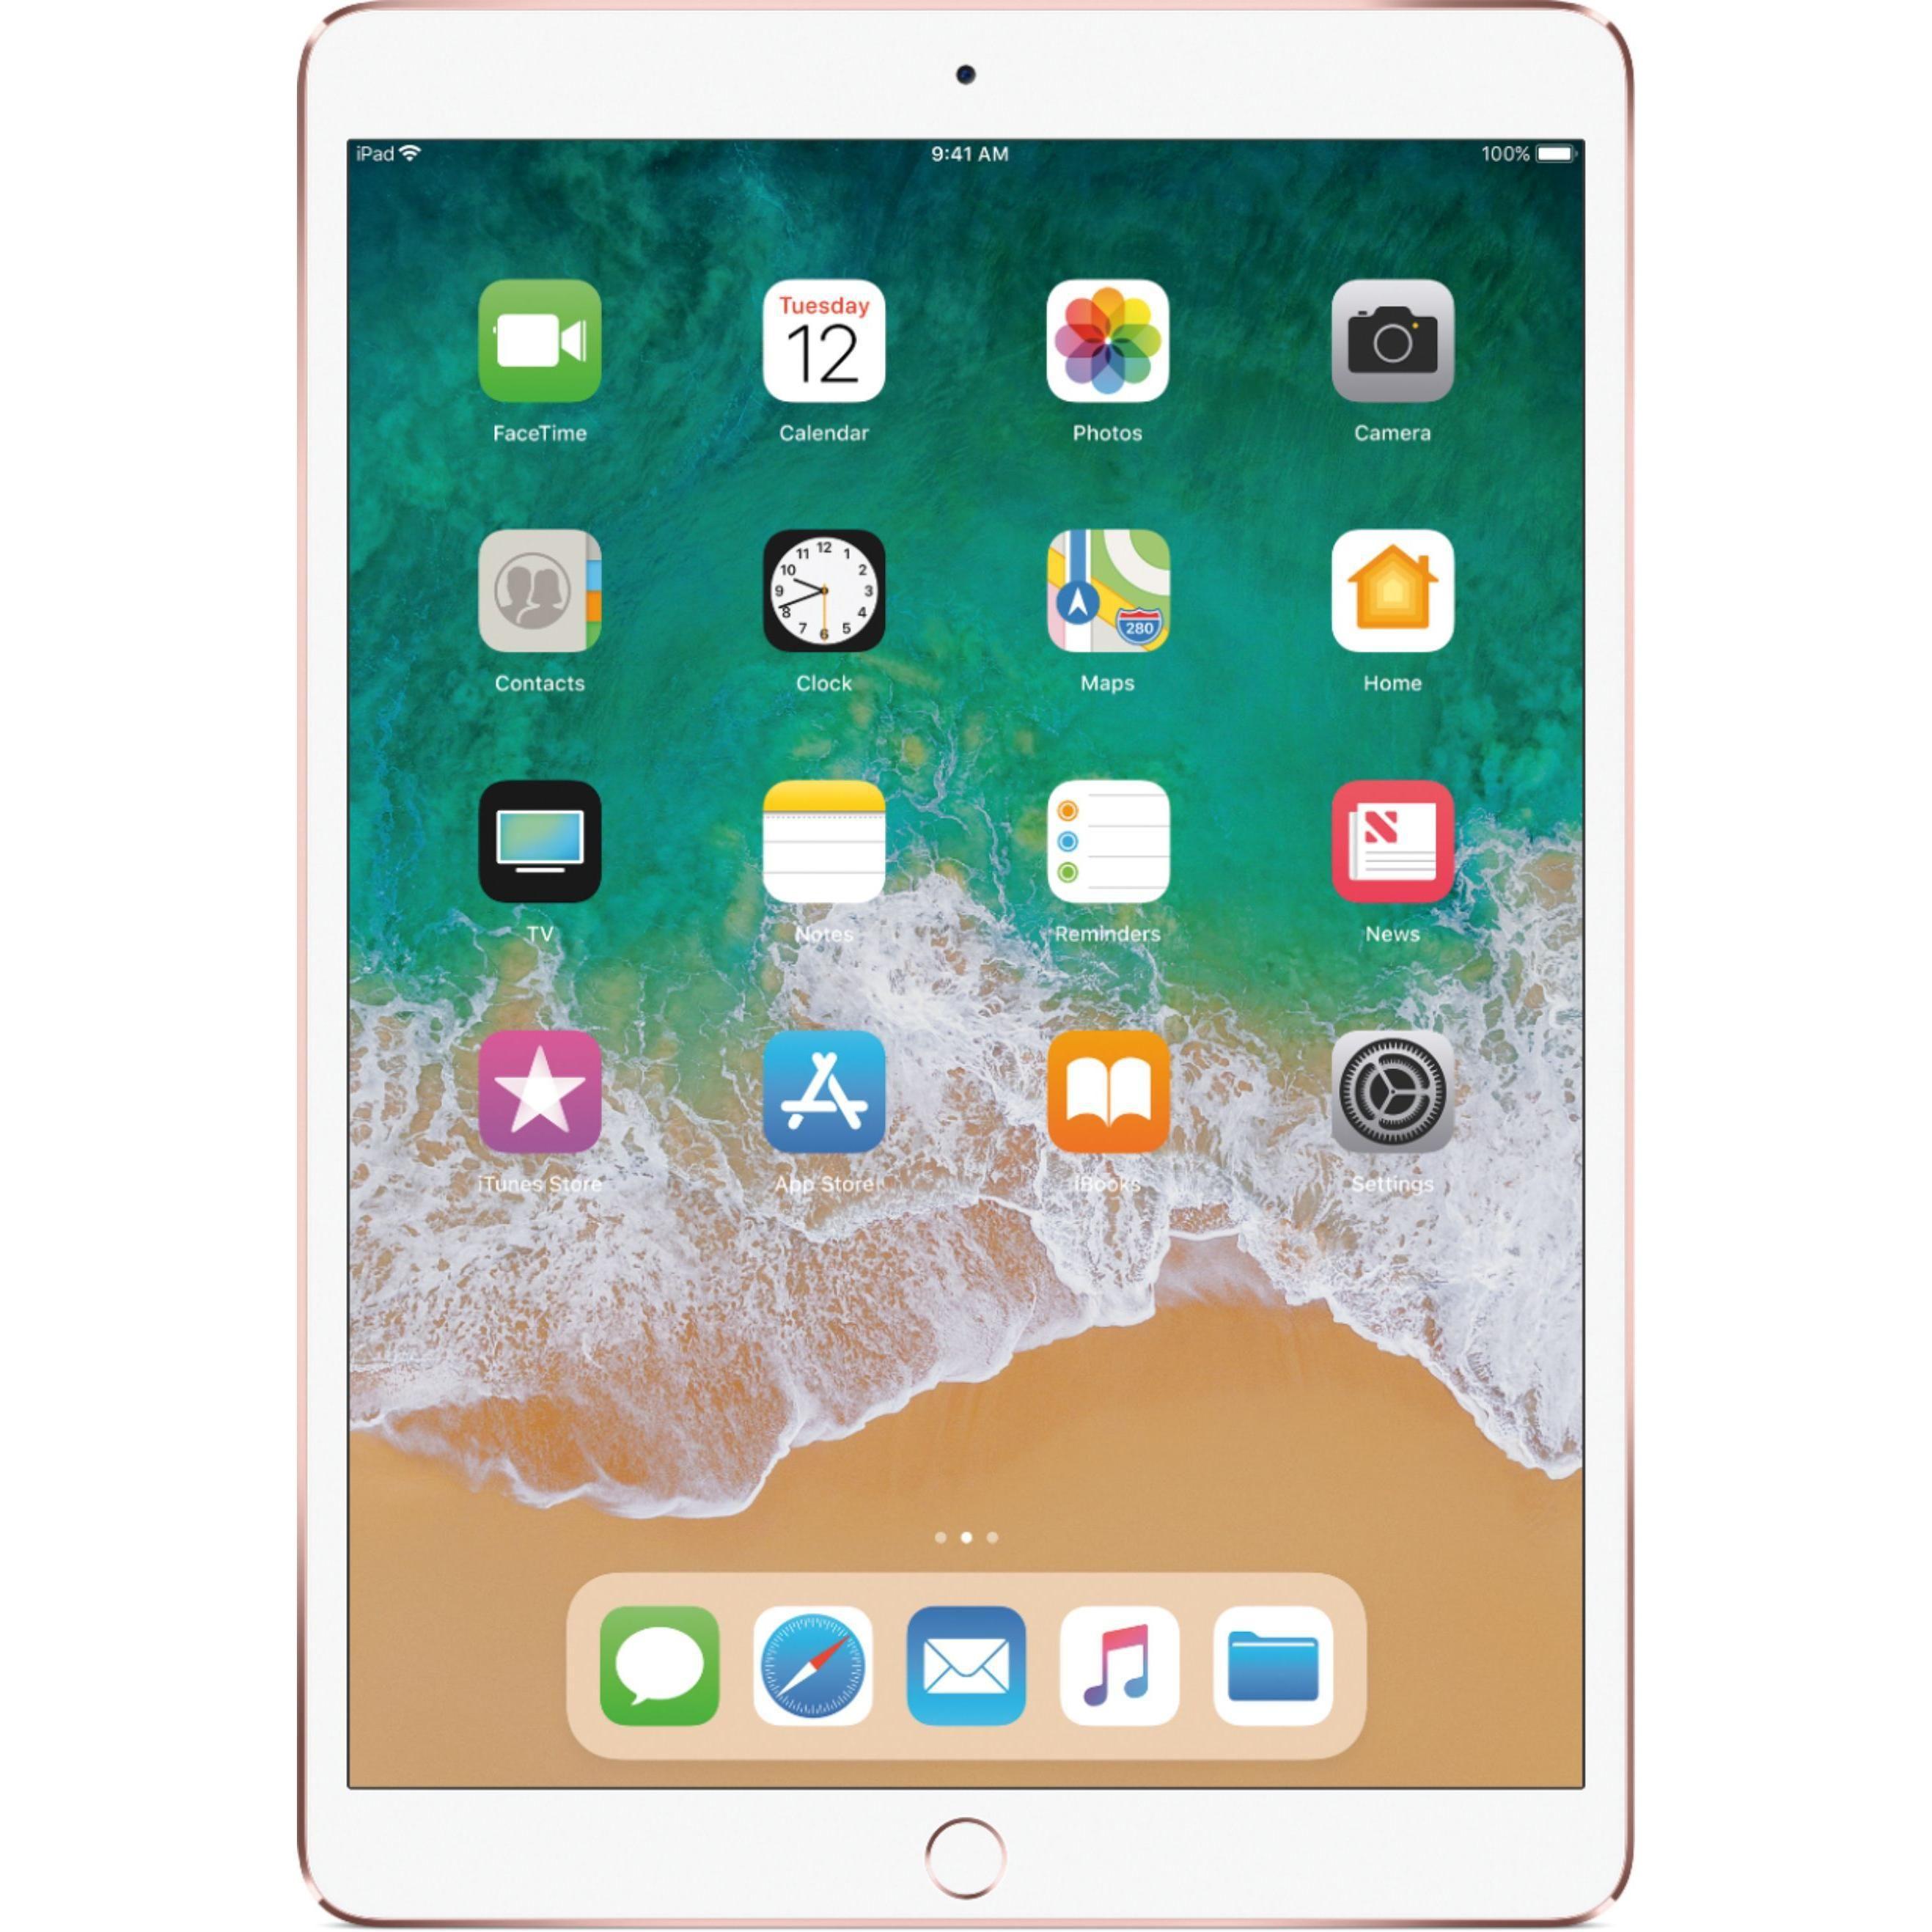 Ipad Pro 10 5 Inch June 2017 64gb Rose Gold Wi Fi In 2020 Apple Ipad Pro Apple Ipad Ipad